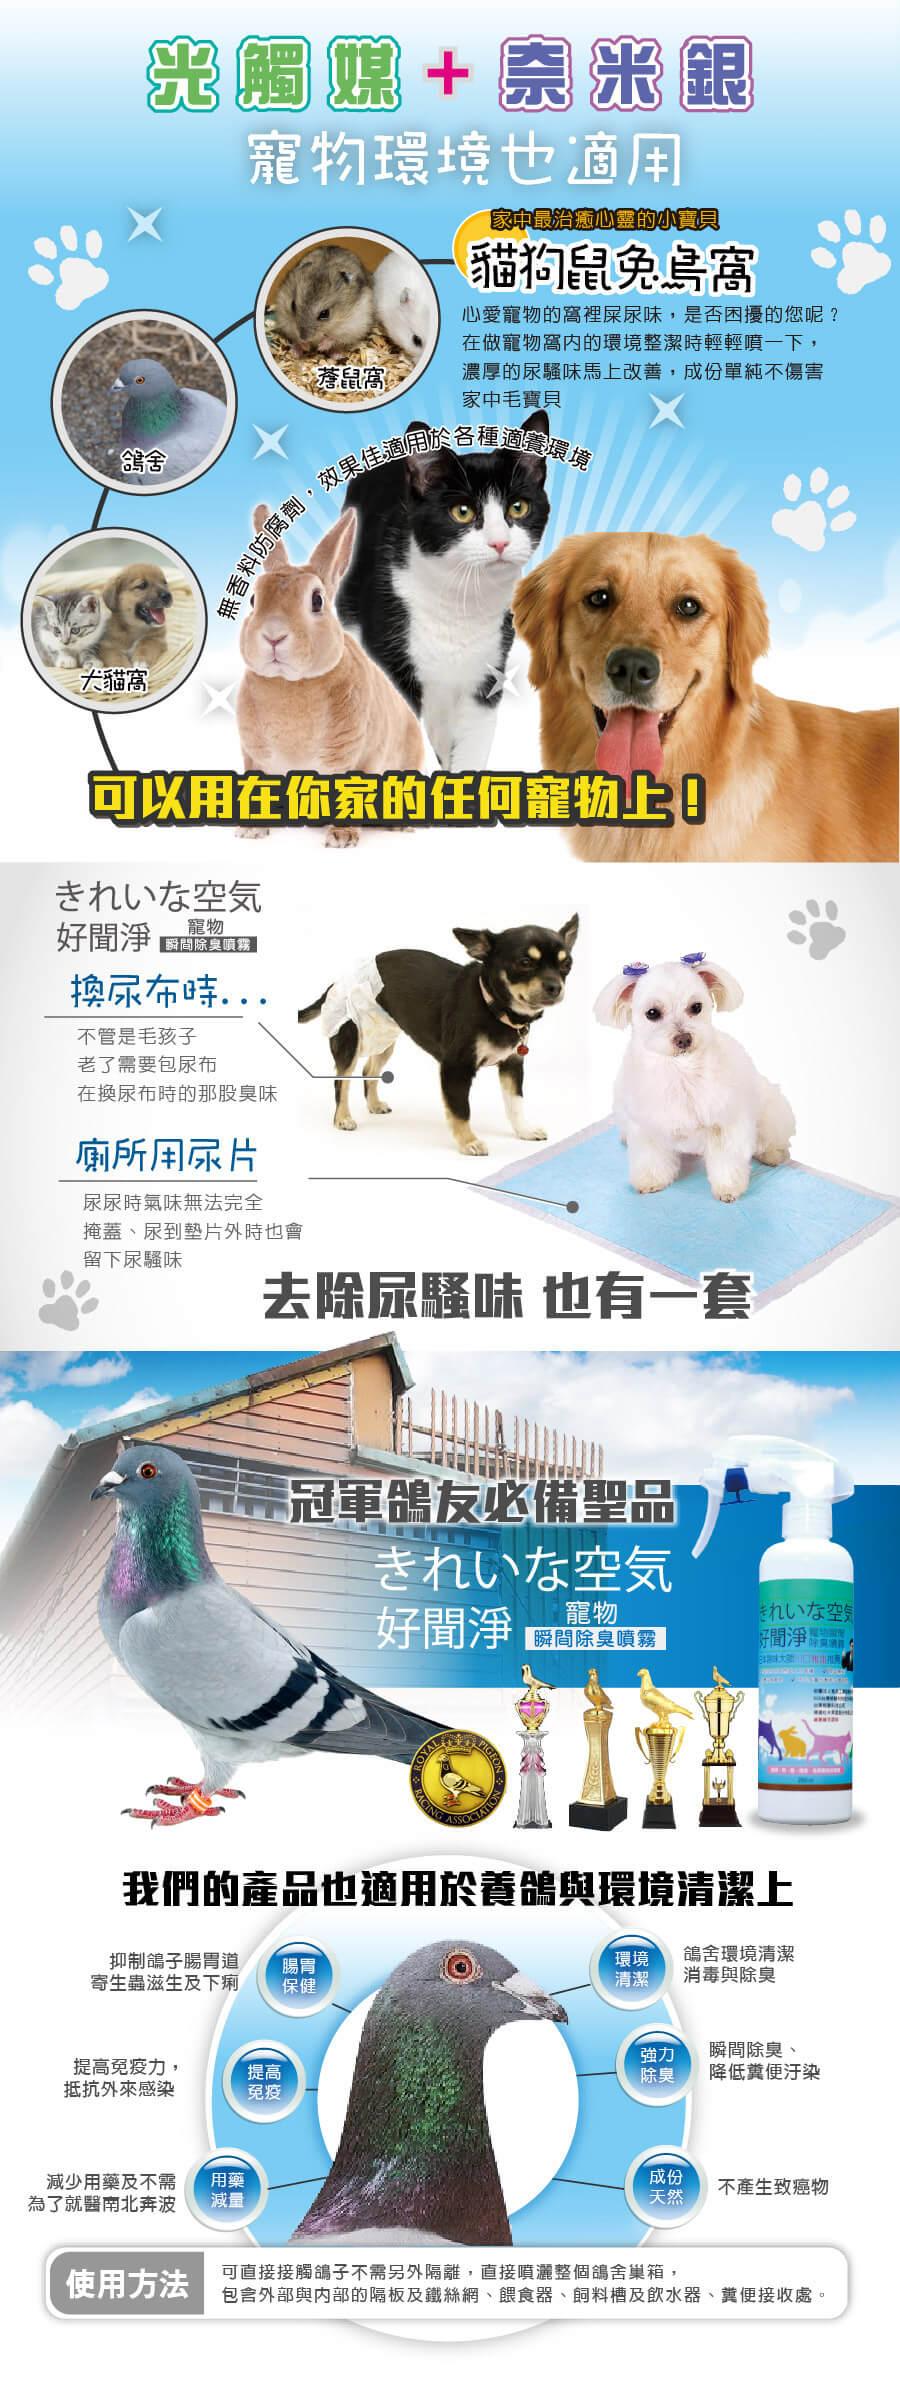 寵物瞬間除臭噴劑-產品說明-03